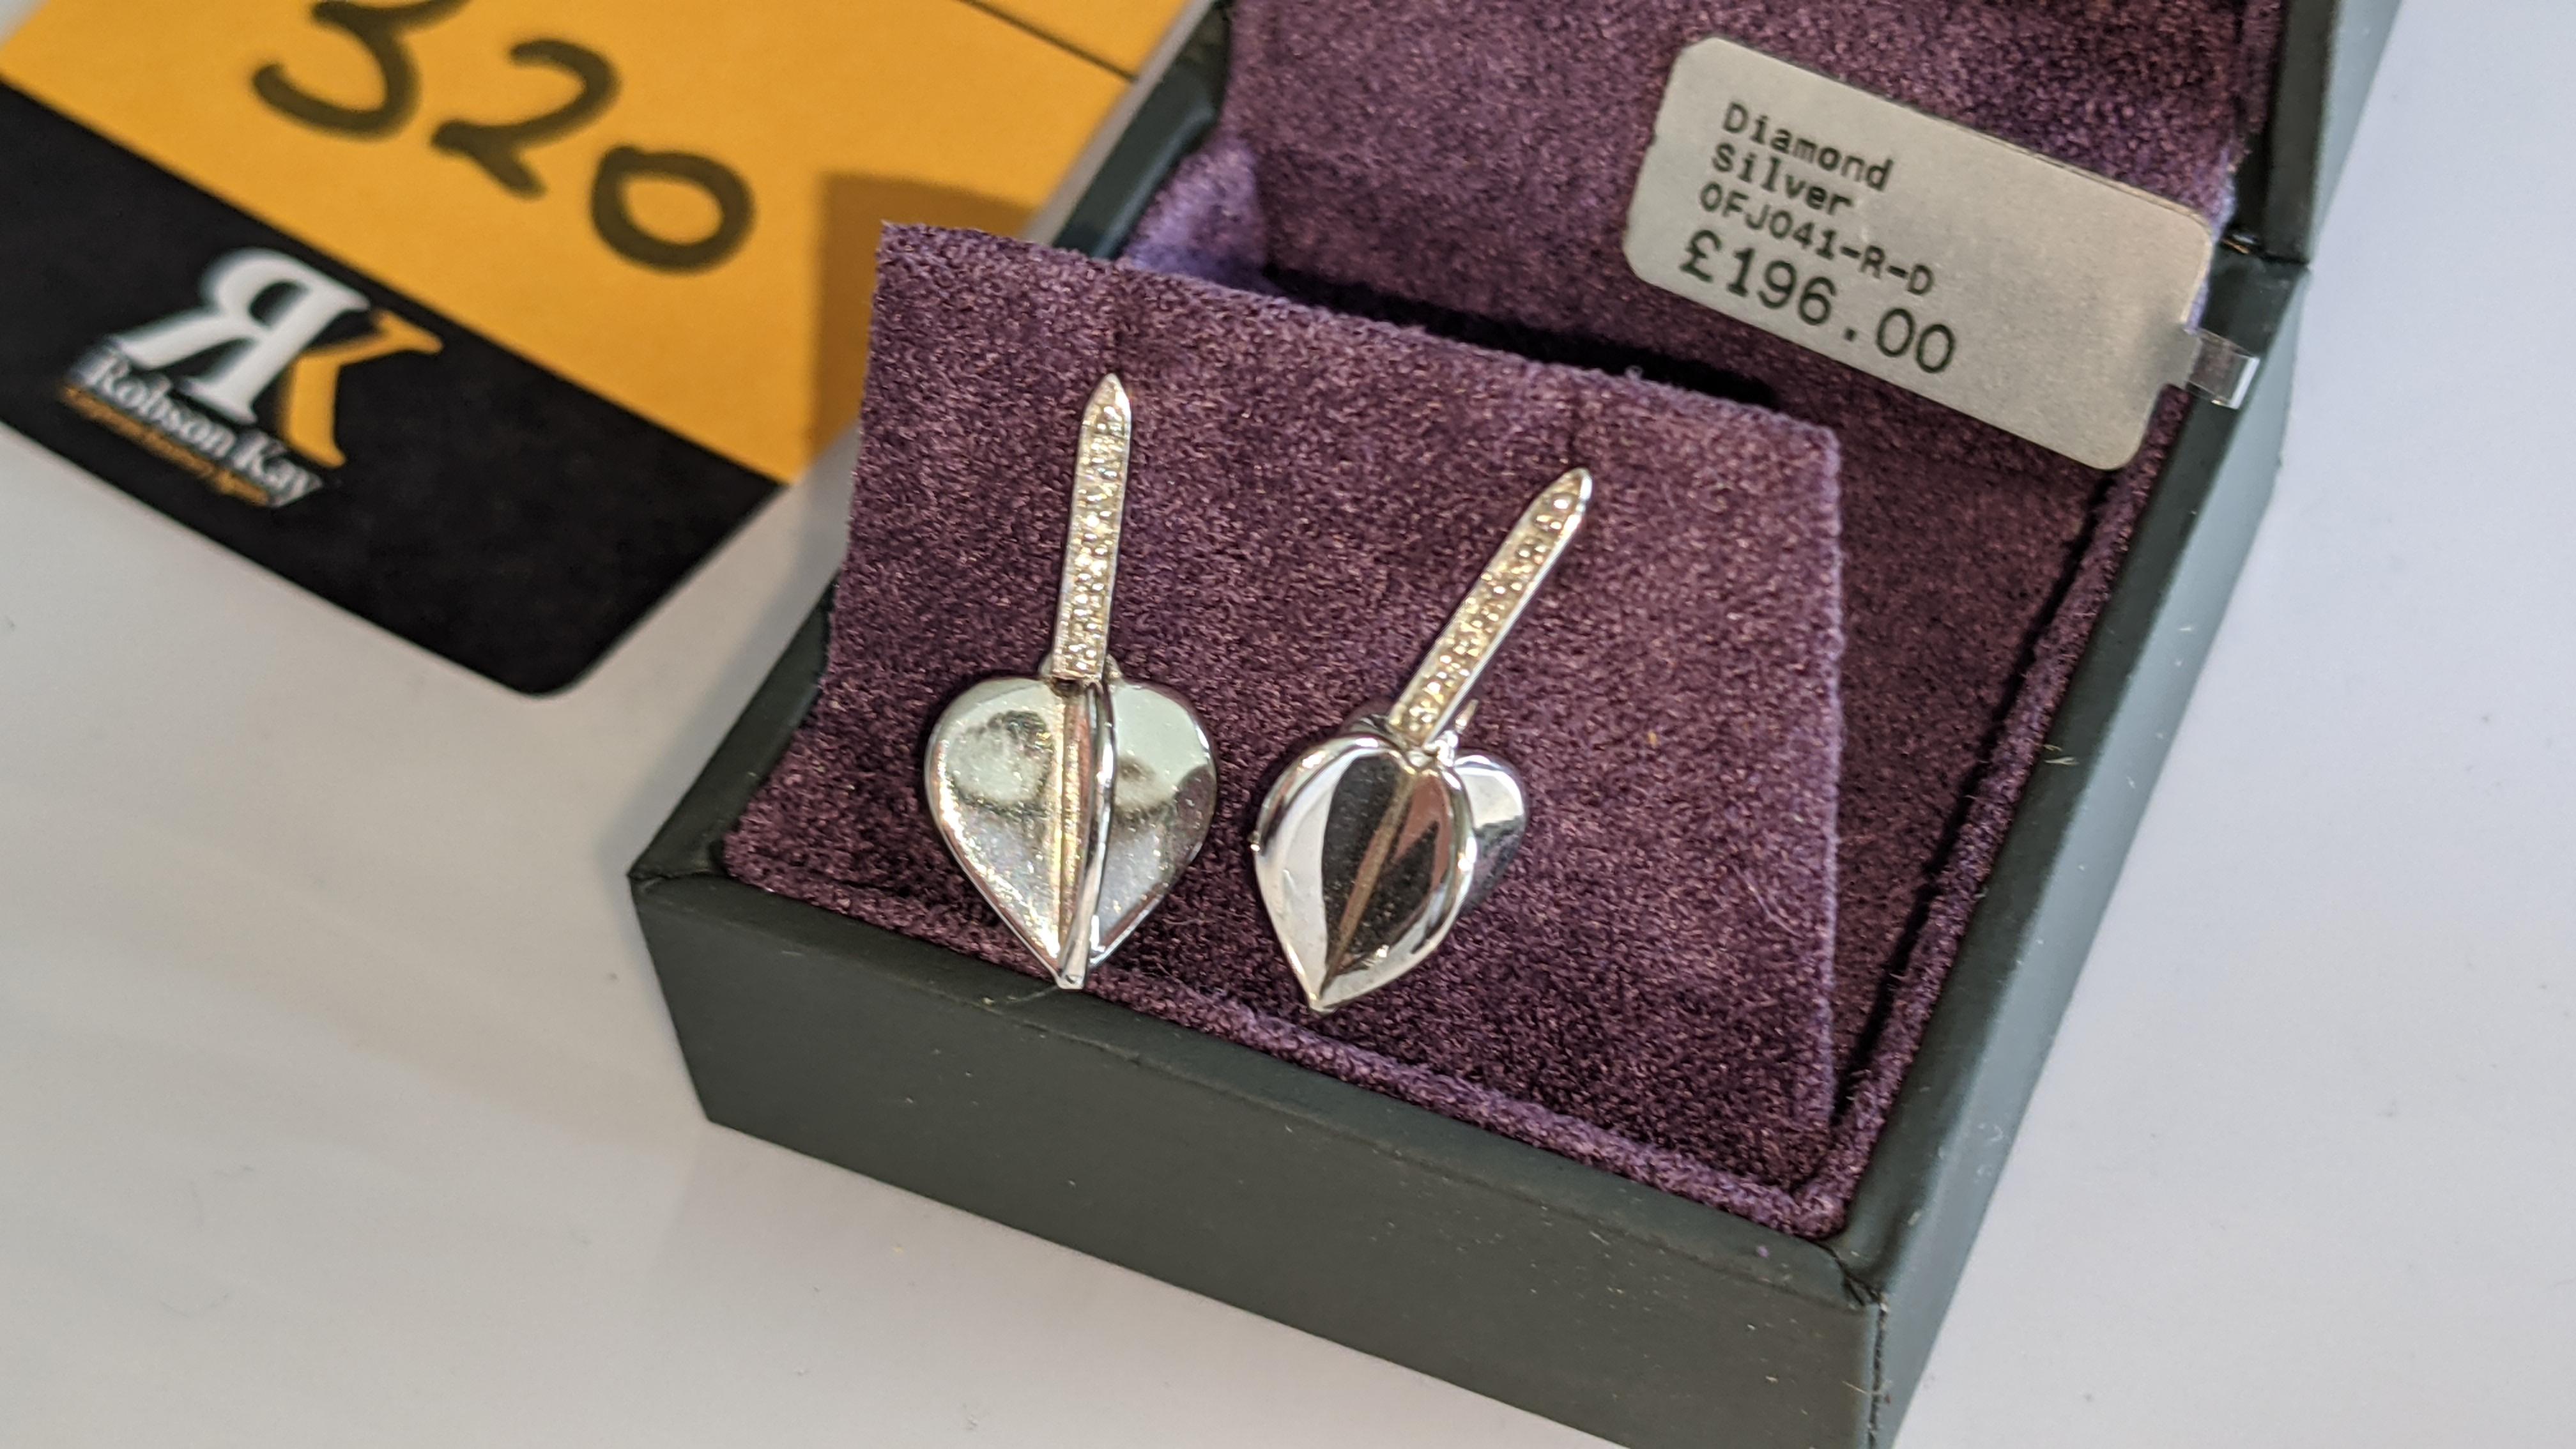 Pair of earrings, retail price £196 - Image 5 of 11